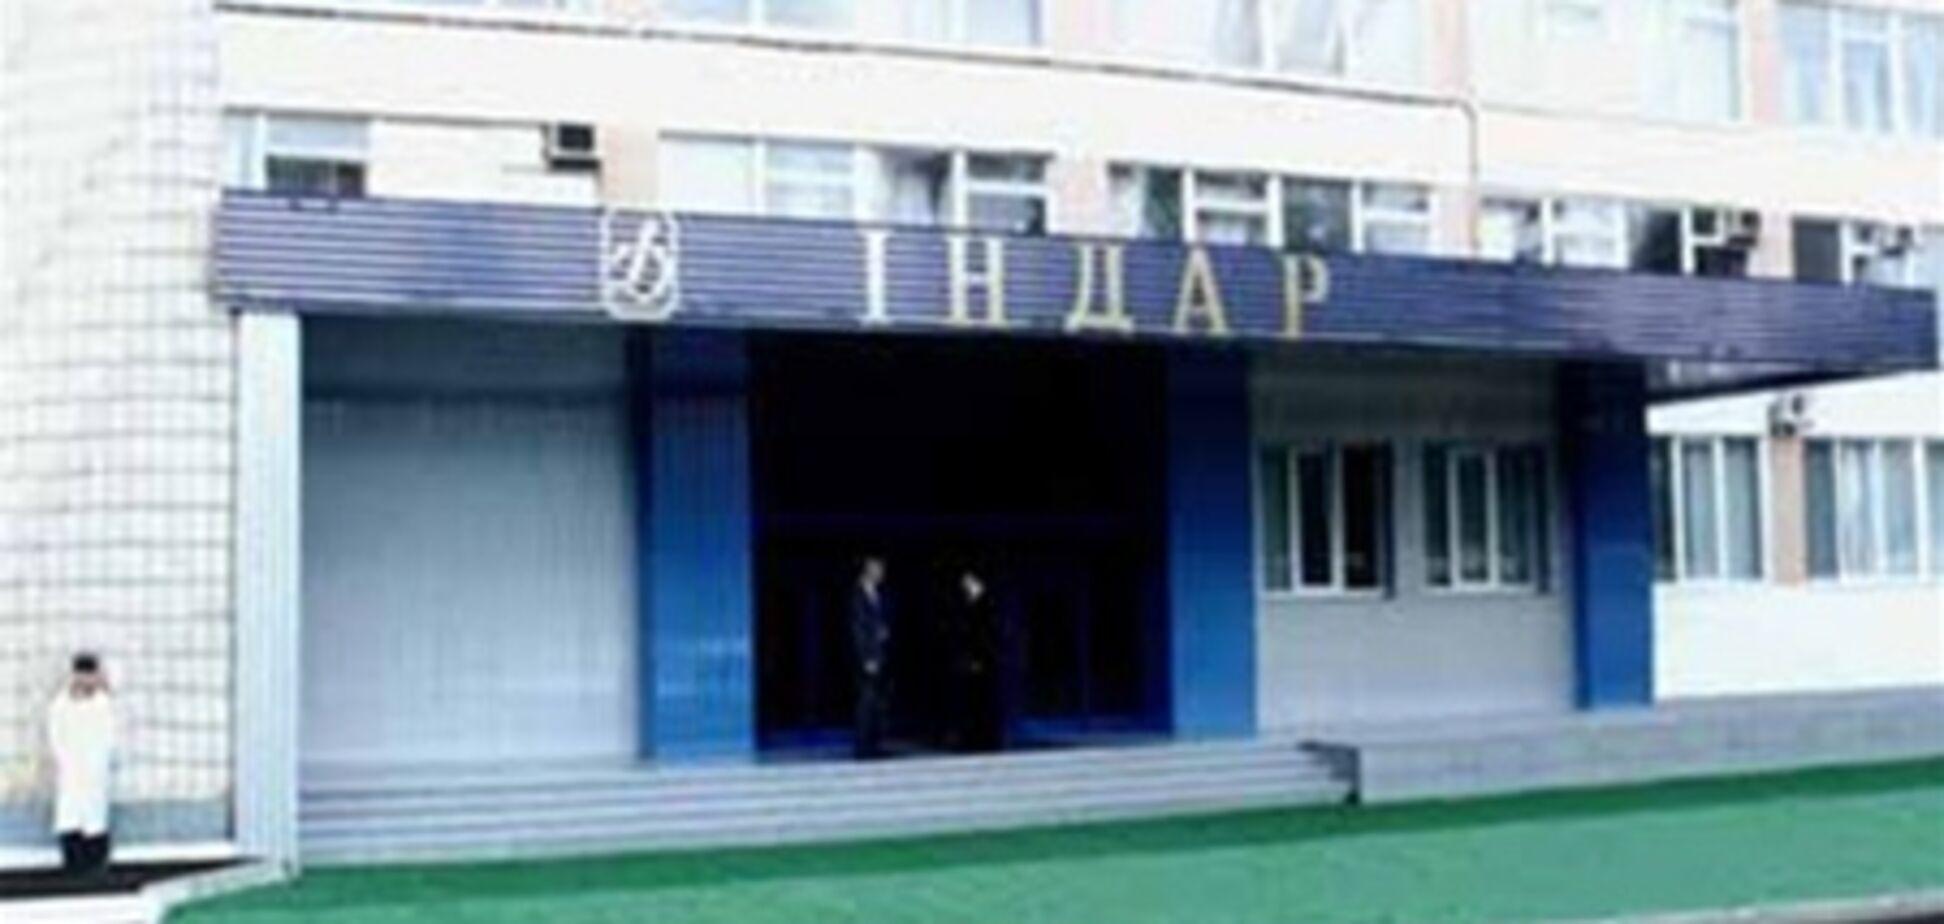 Завод 'Индар' остается в управлении неизвестных лиц